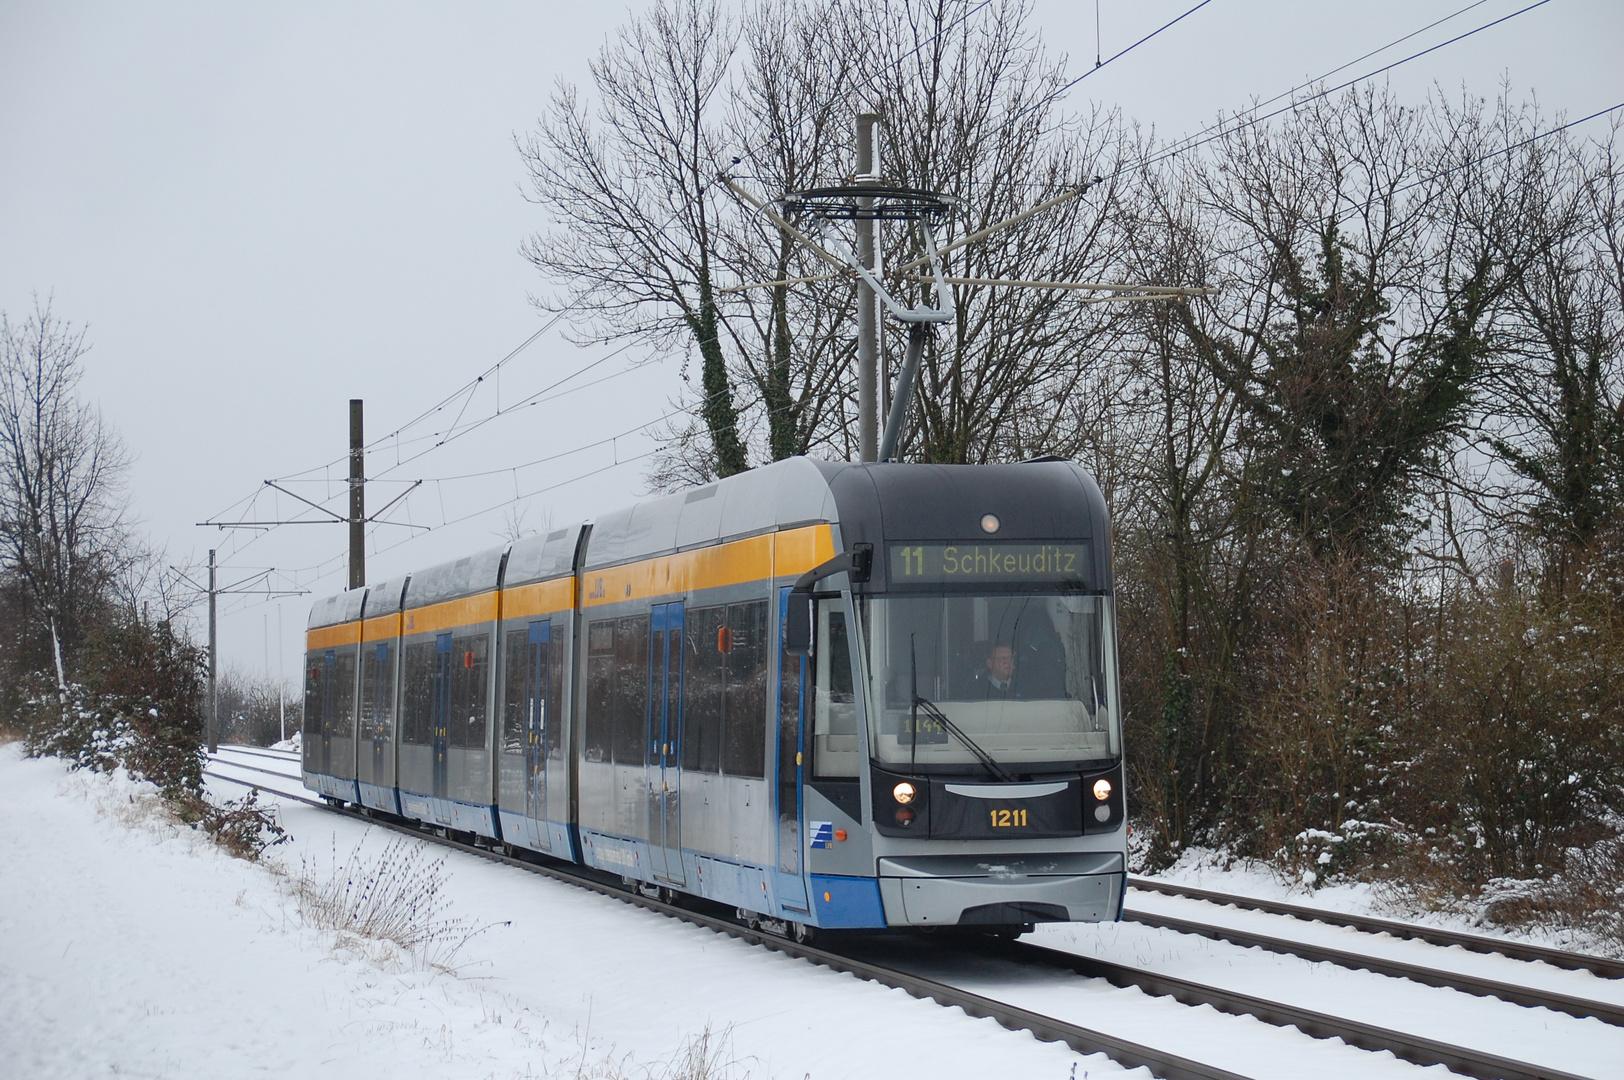 Leipzig Linie 11 NGT 12 fährt Richtung Schkeuditz